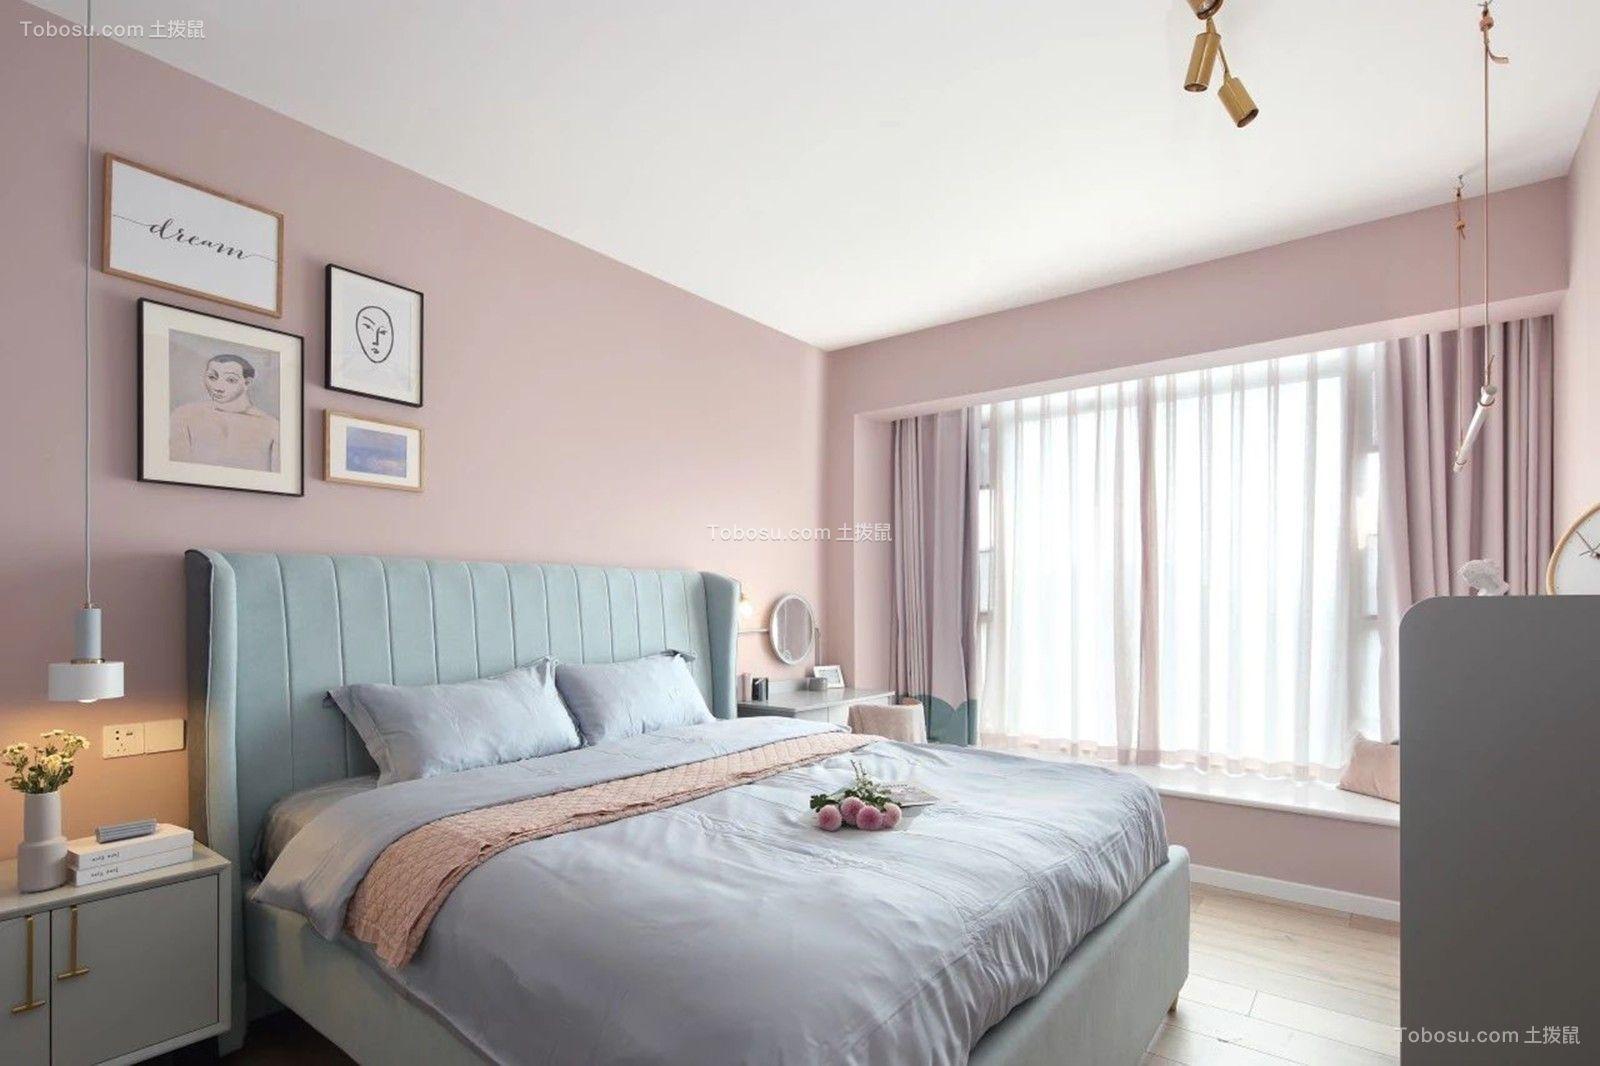 2021美式卧室装修设计图片 2021美式背景墙装饰设计